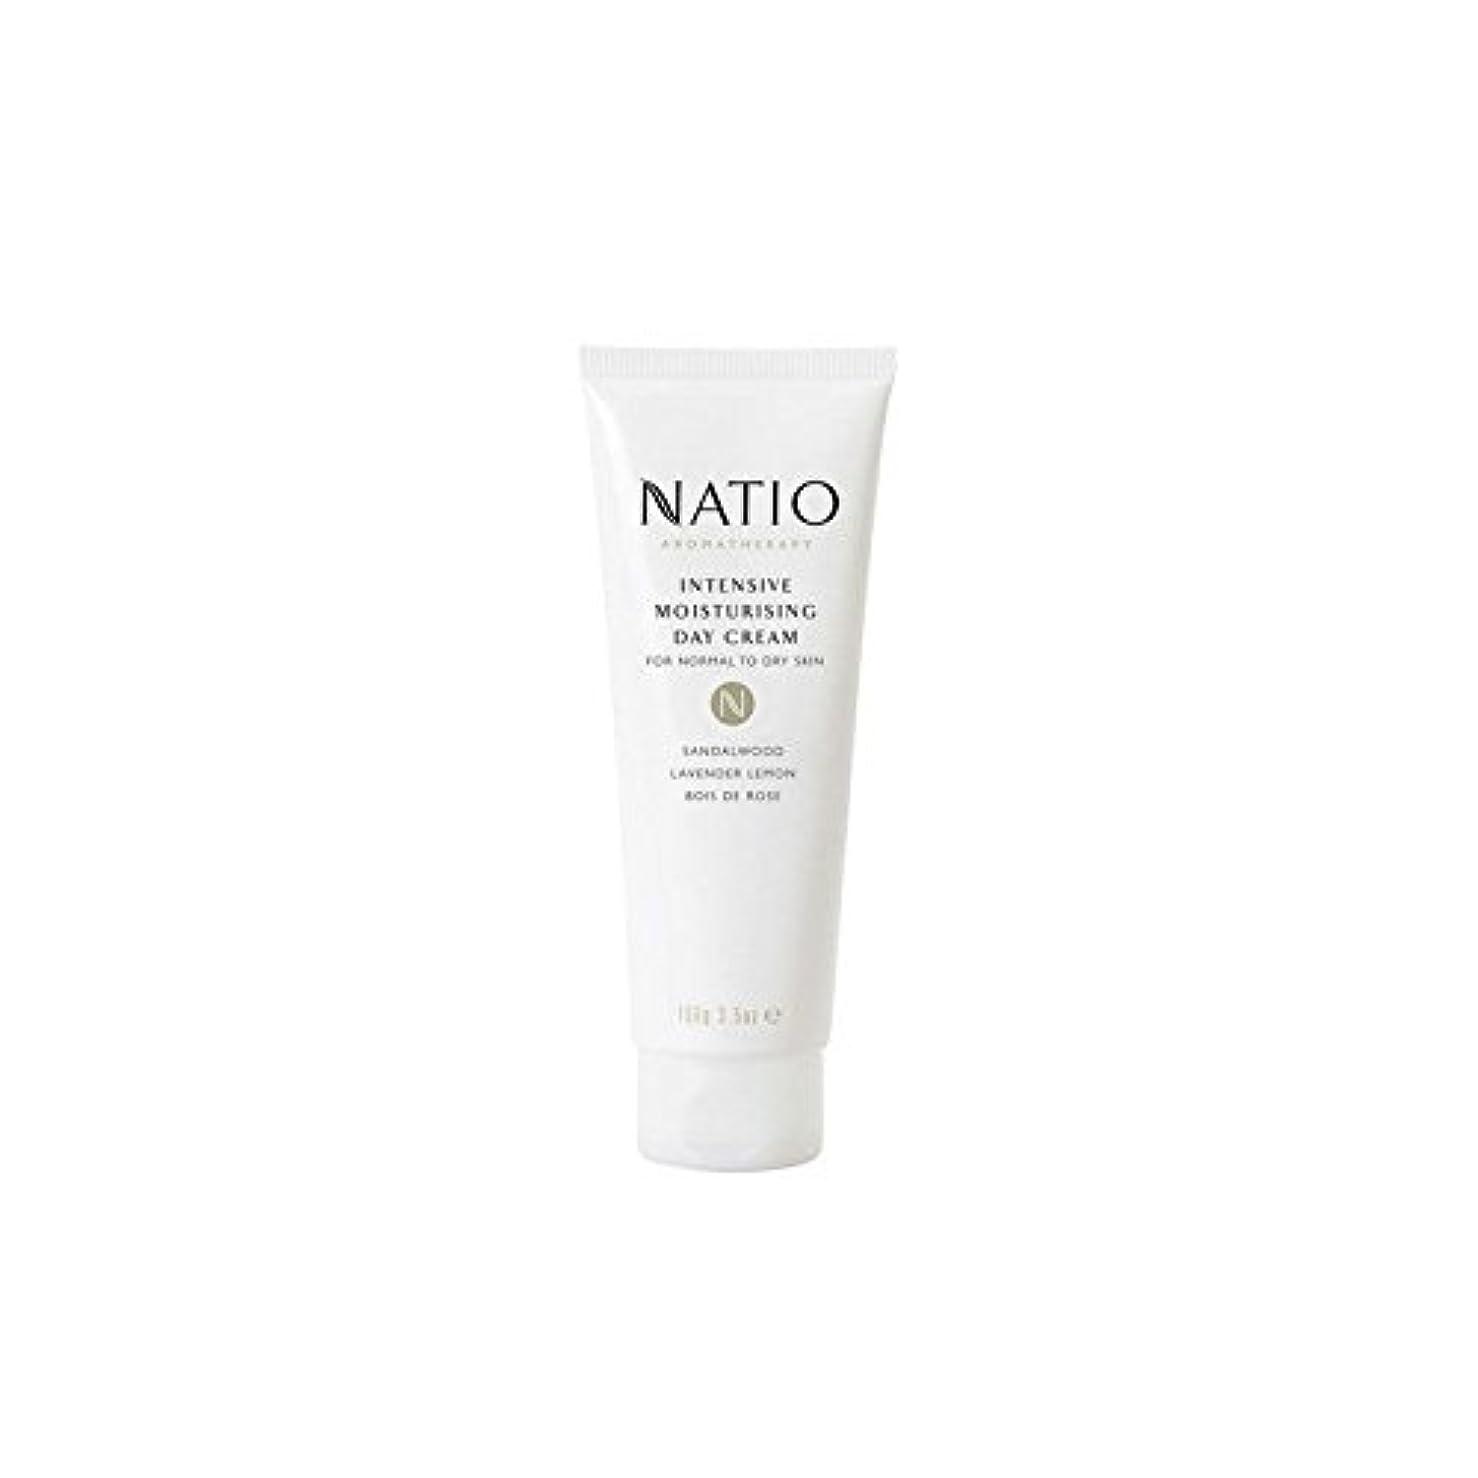 魂終わり貢献する集中的な保湿デイクリーム(100グラム) x4 - Natio Intensive Moisturising Day Cream (100G) (Pack of 4) [並行輸入品]